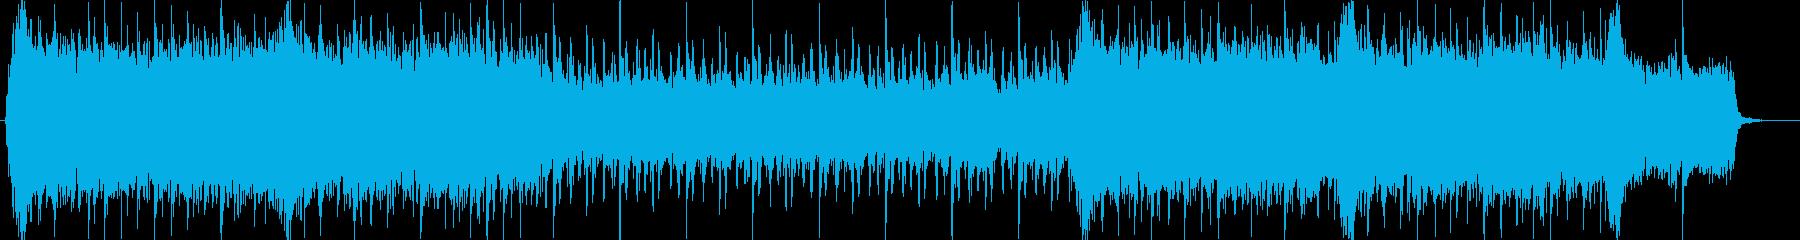 大陸的で壮大な曲の再生済みの波形